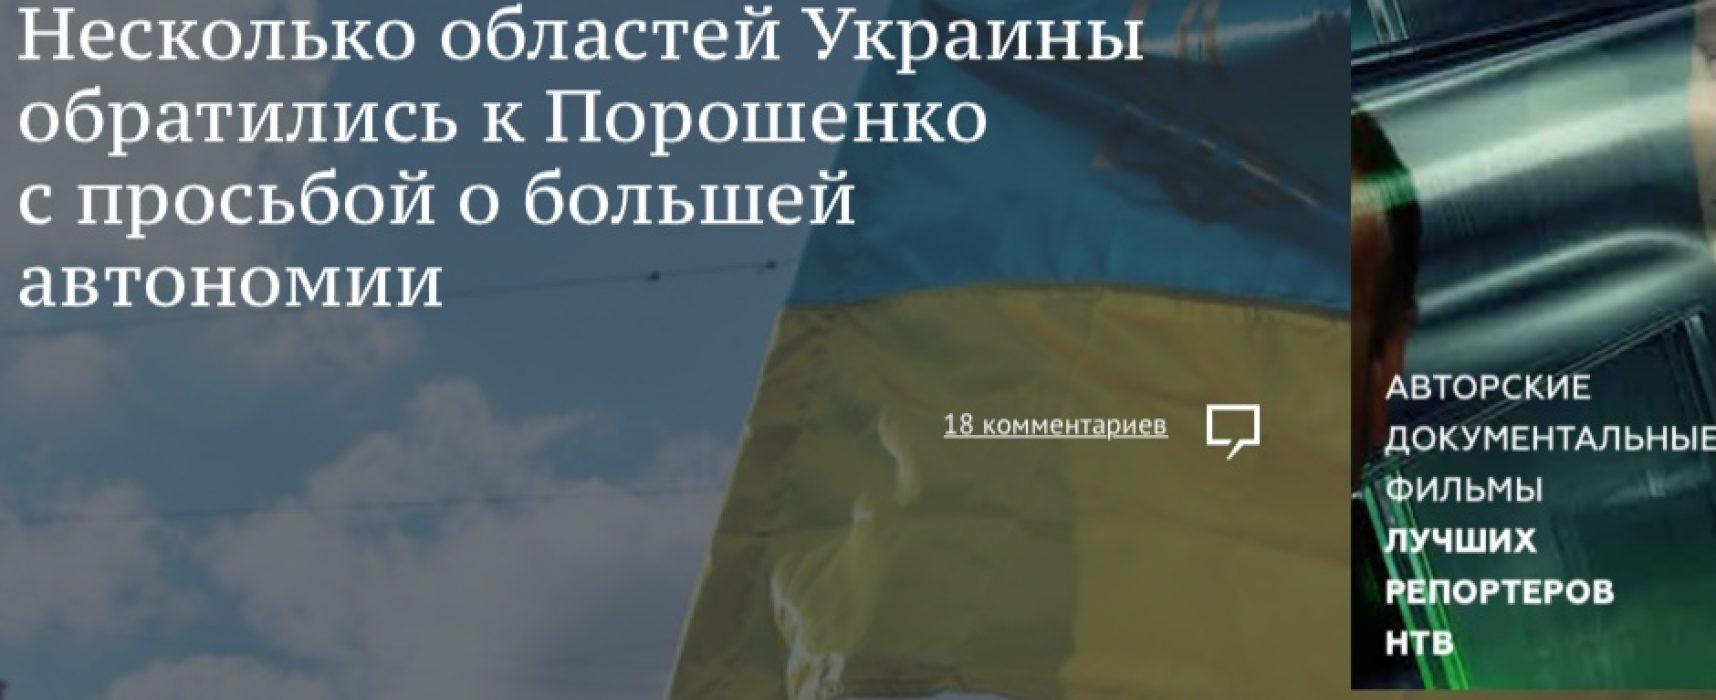 Фейк: Несколько областей Украины требуют автономии